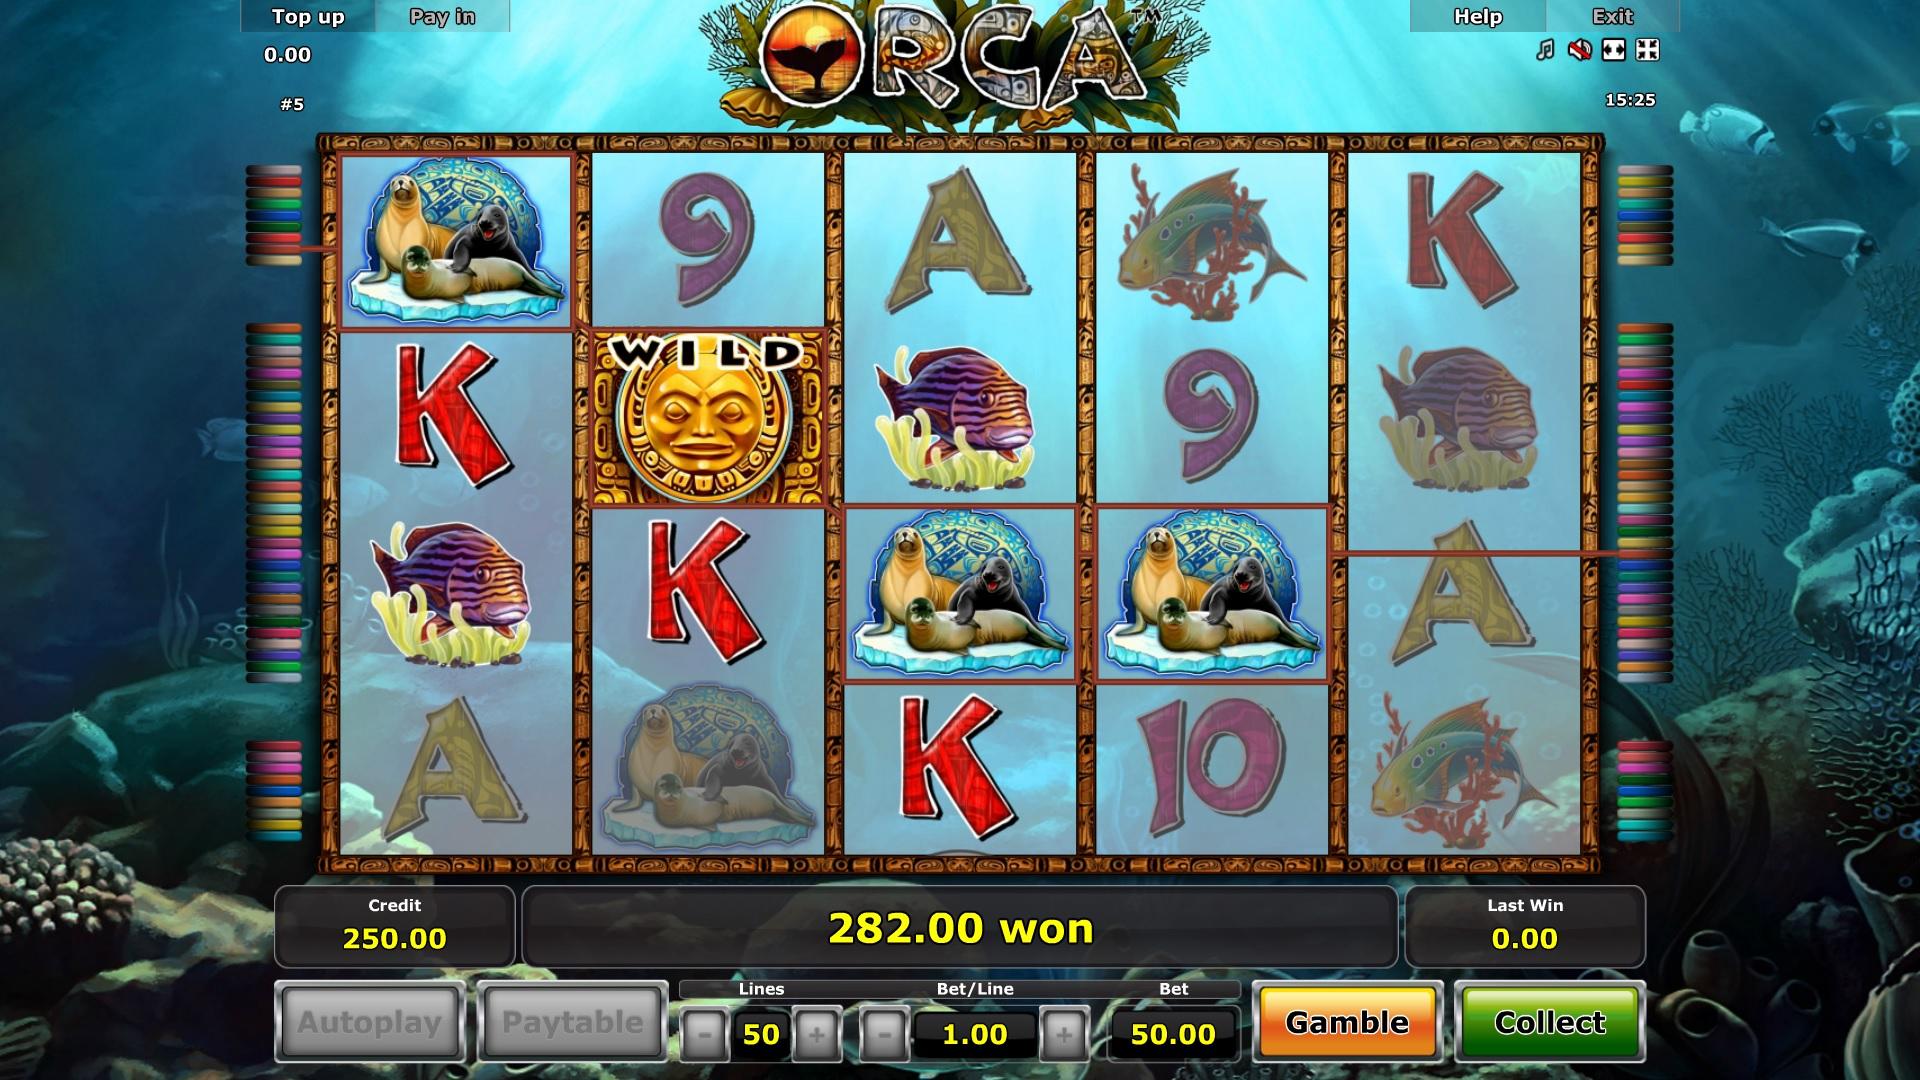 Casino Spiele: + Spiele kostenlos & ohne Anmeldung spielen!